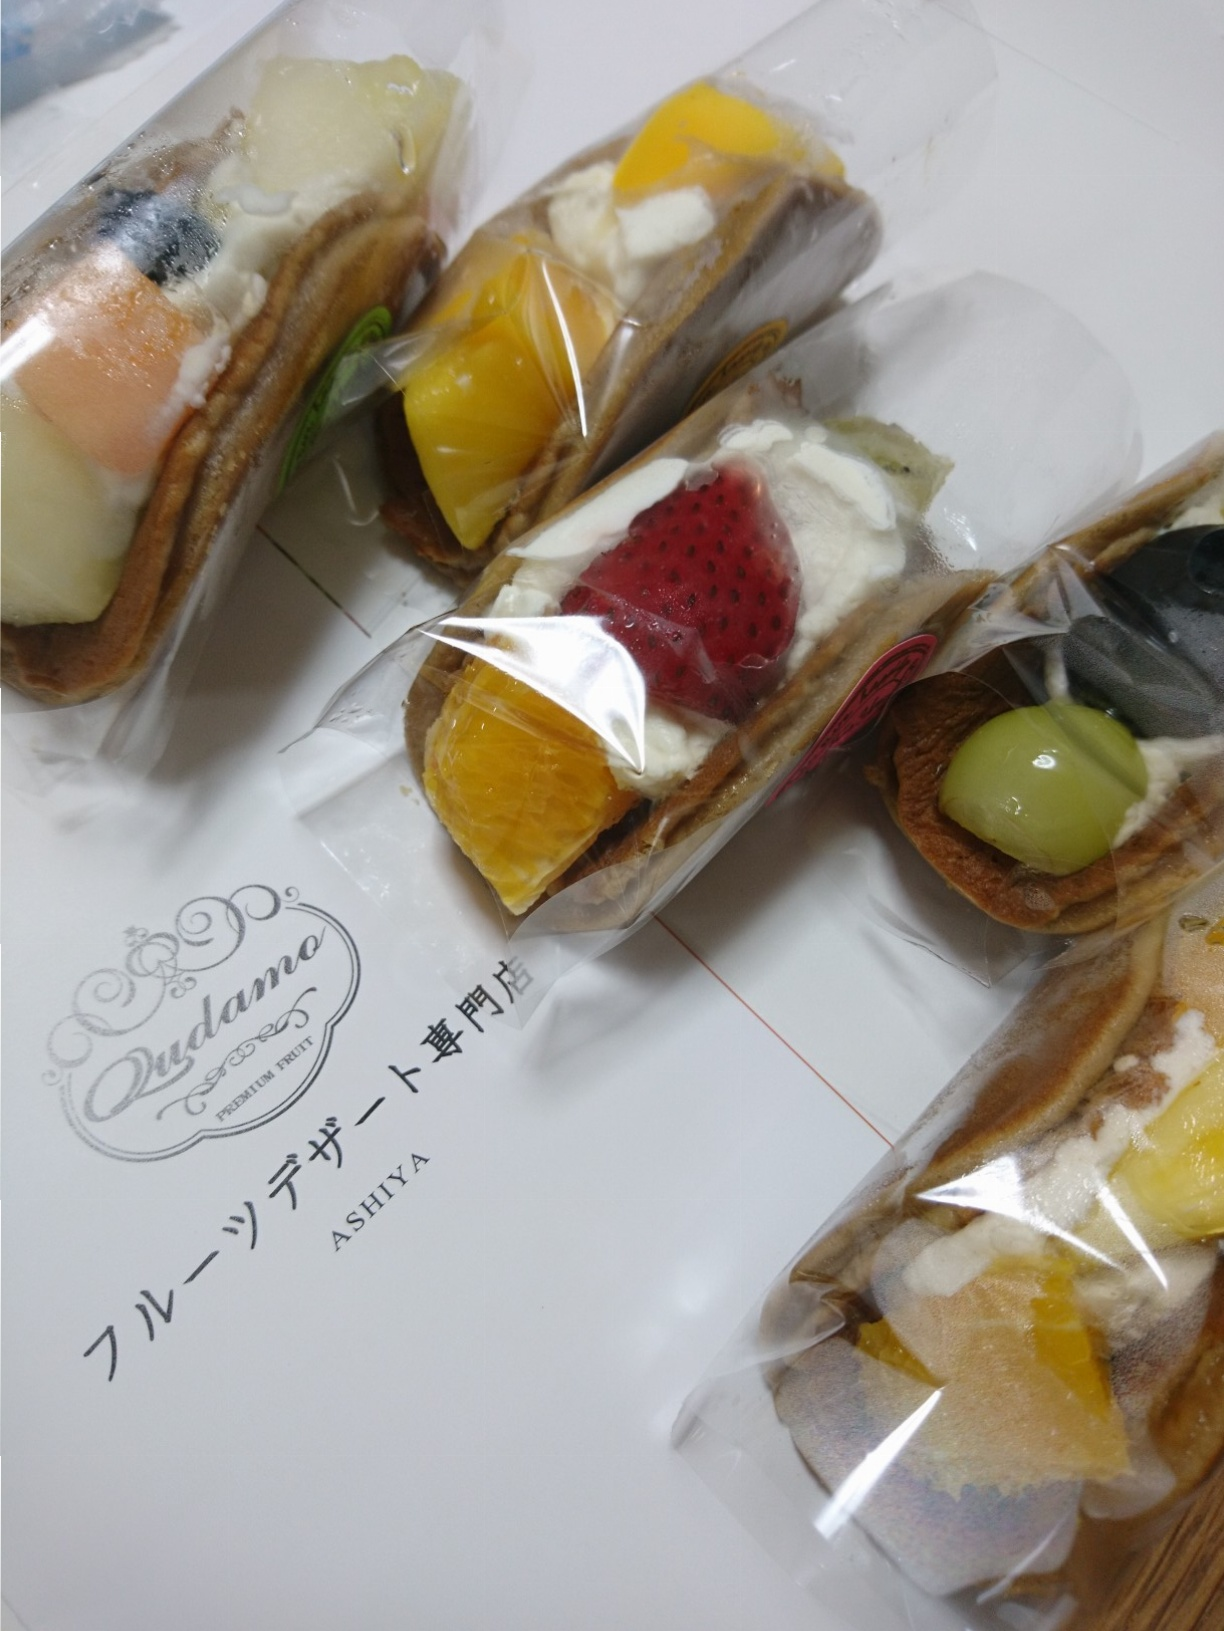 ≪関西・兵庫県≫手土産に喜ばれる フルーツデザート専門店のフルーツどら焼き♡_3